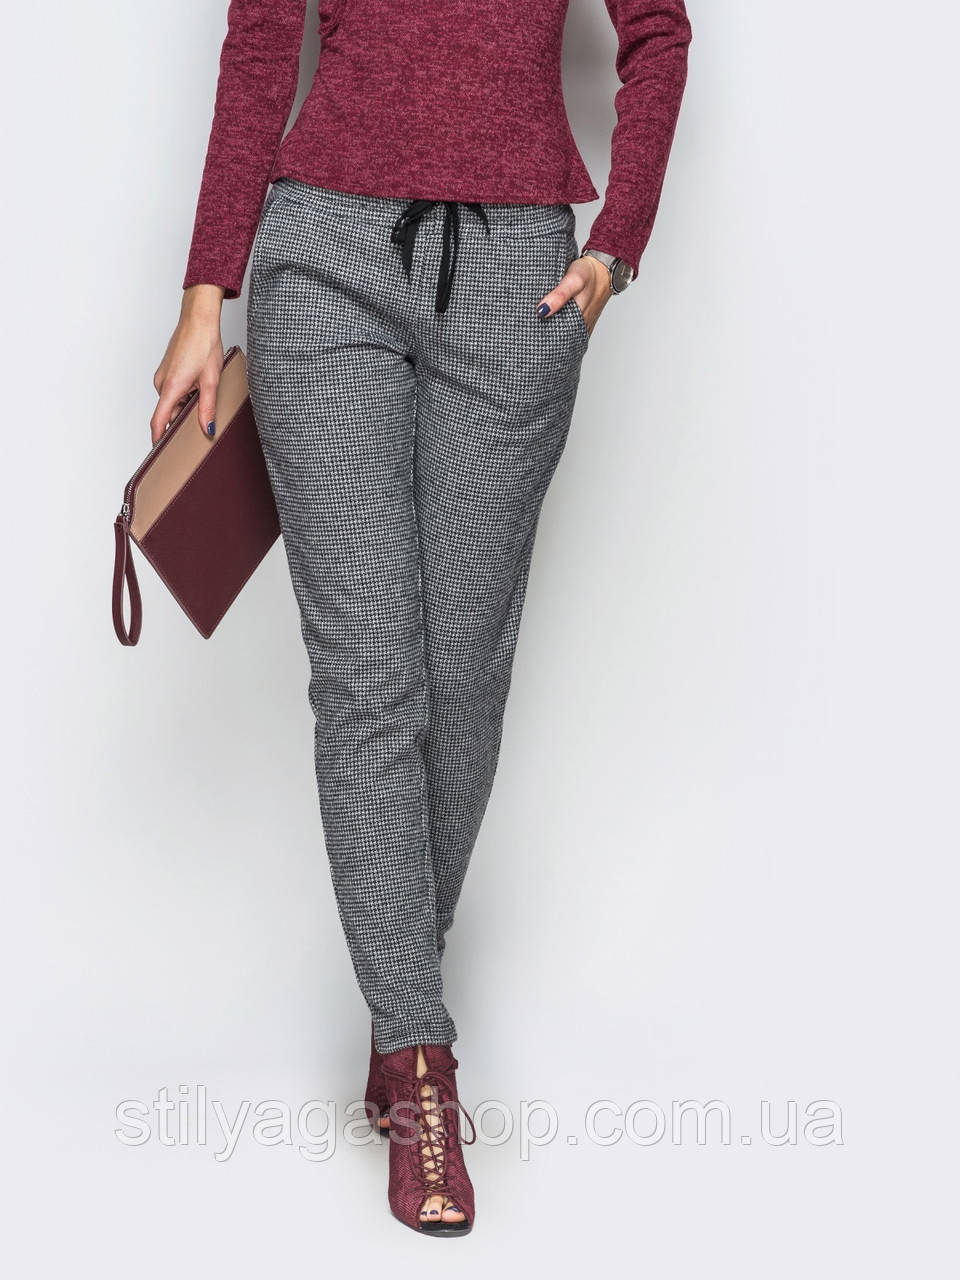 Элегантные брюки с поясом на резинке и косыми карманами по бокам серый